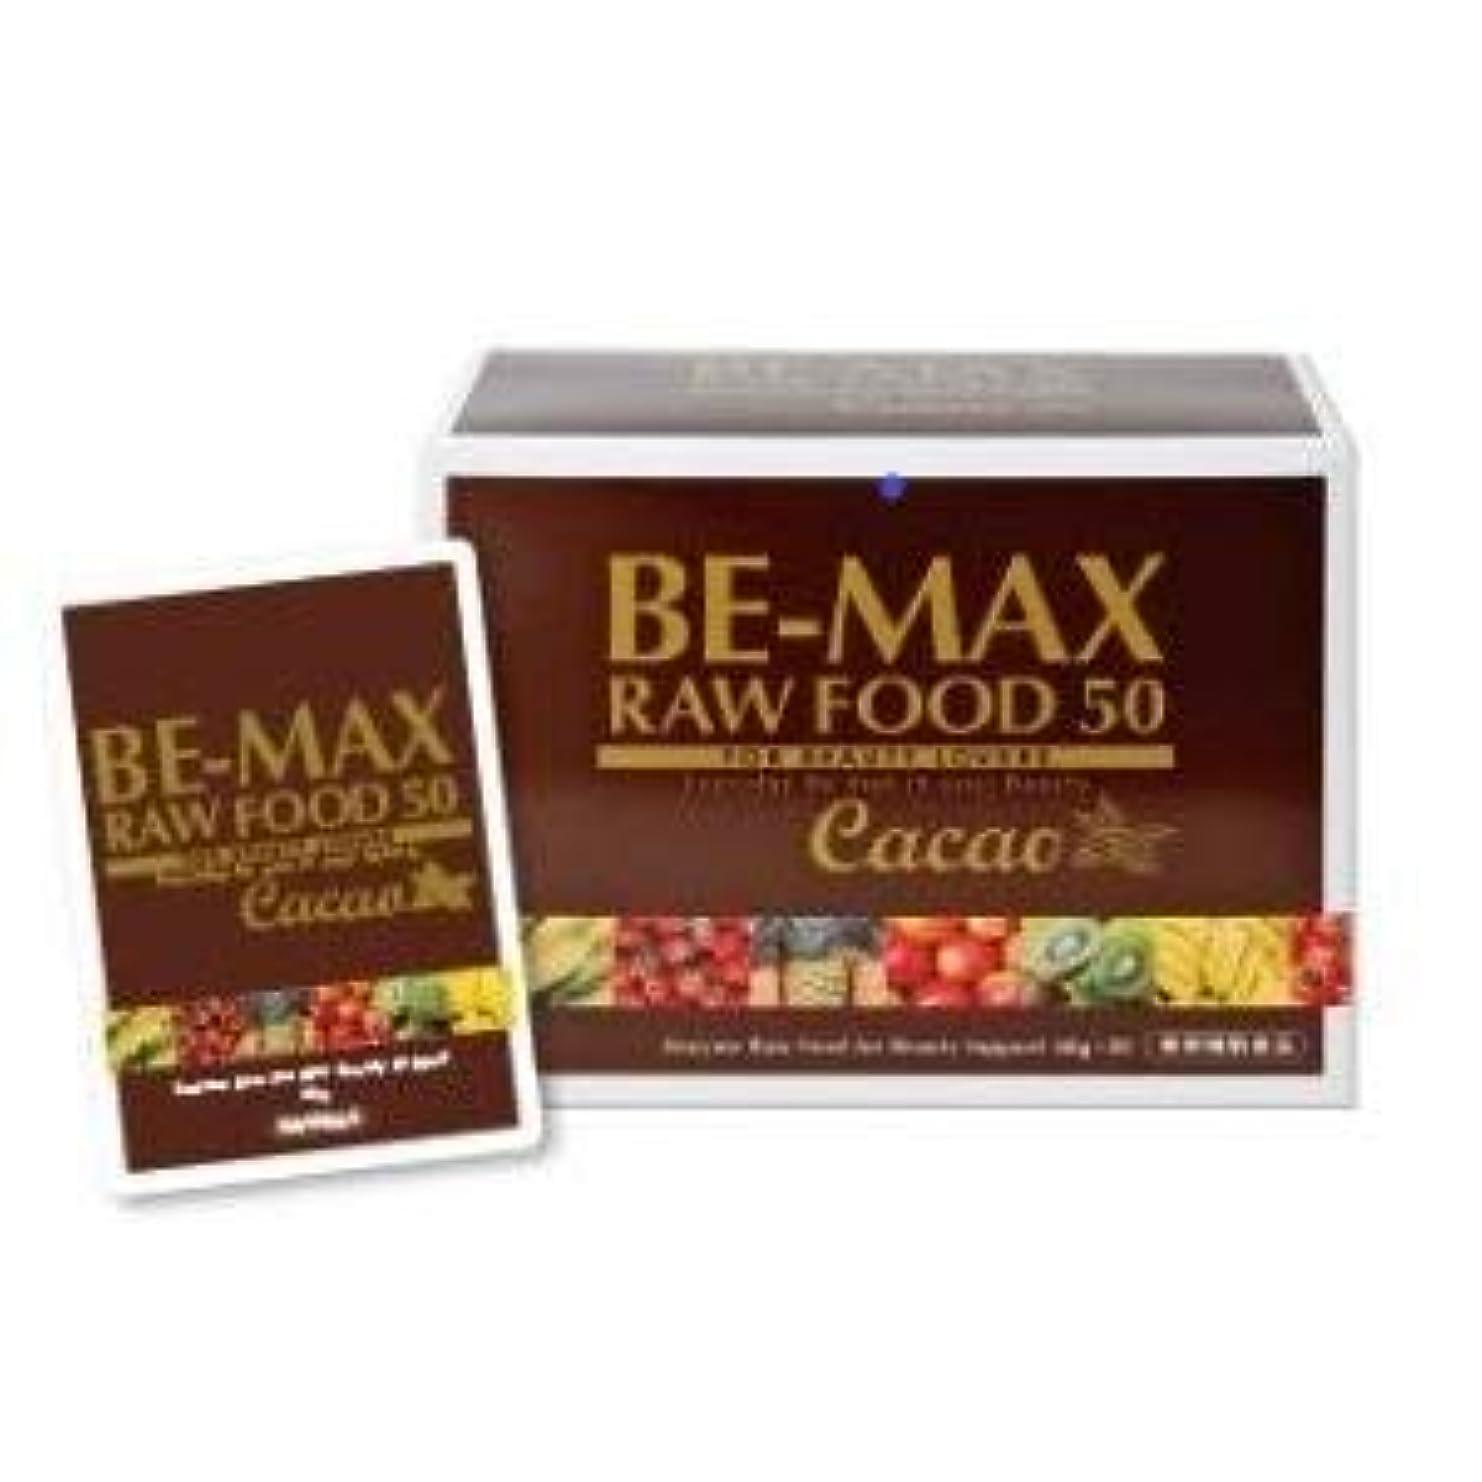 現像溶ける振り返るBE-MAX RAW FOOD 50 Cacao ローフード 50 カカオ